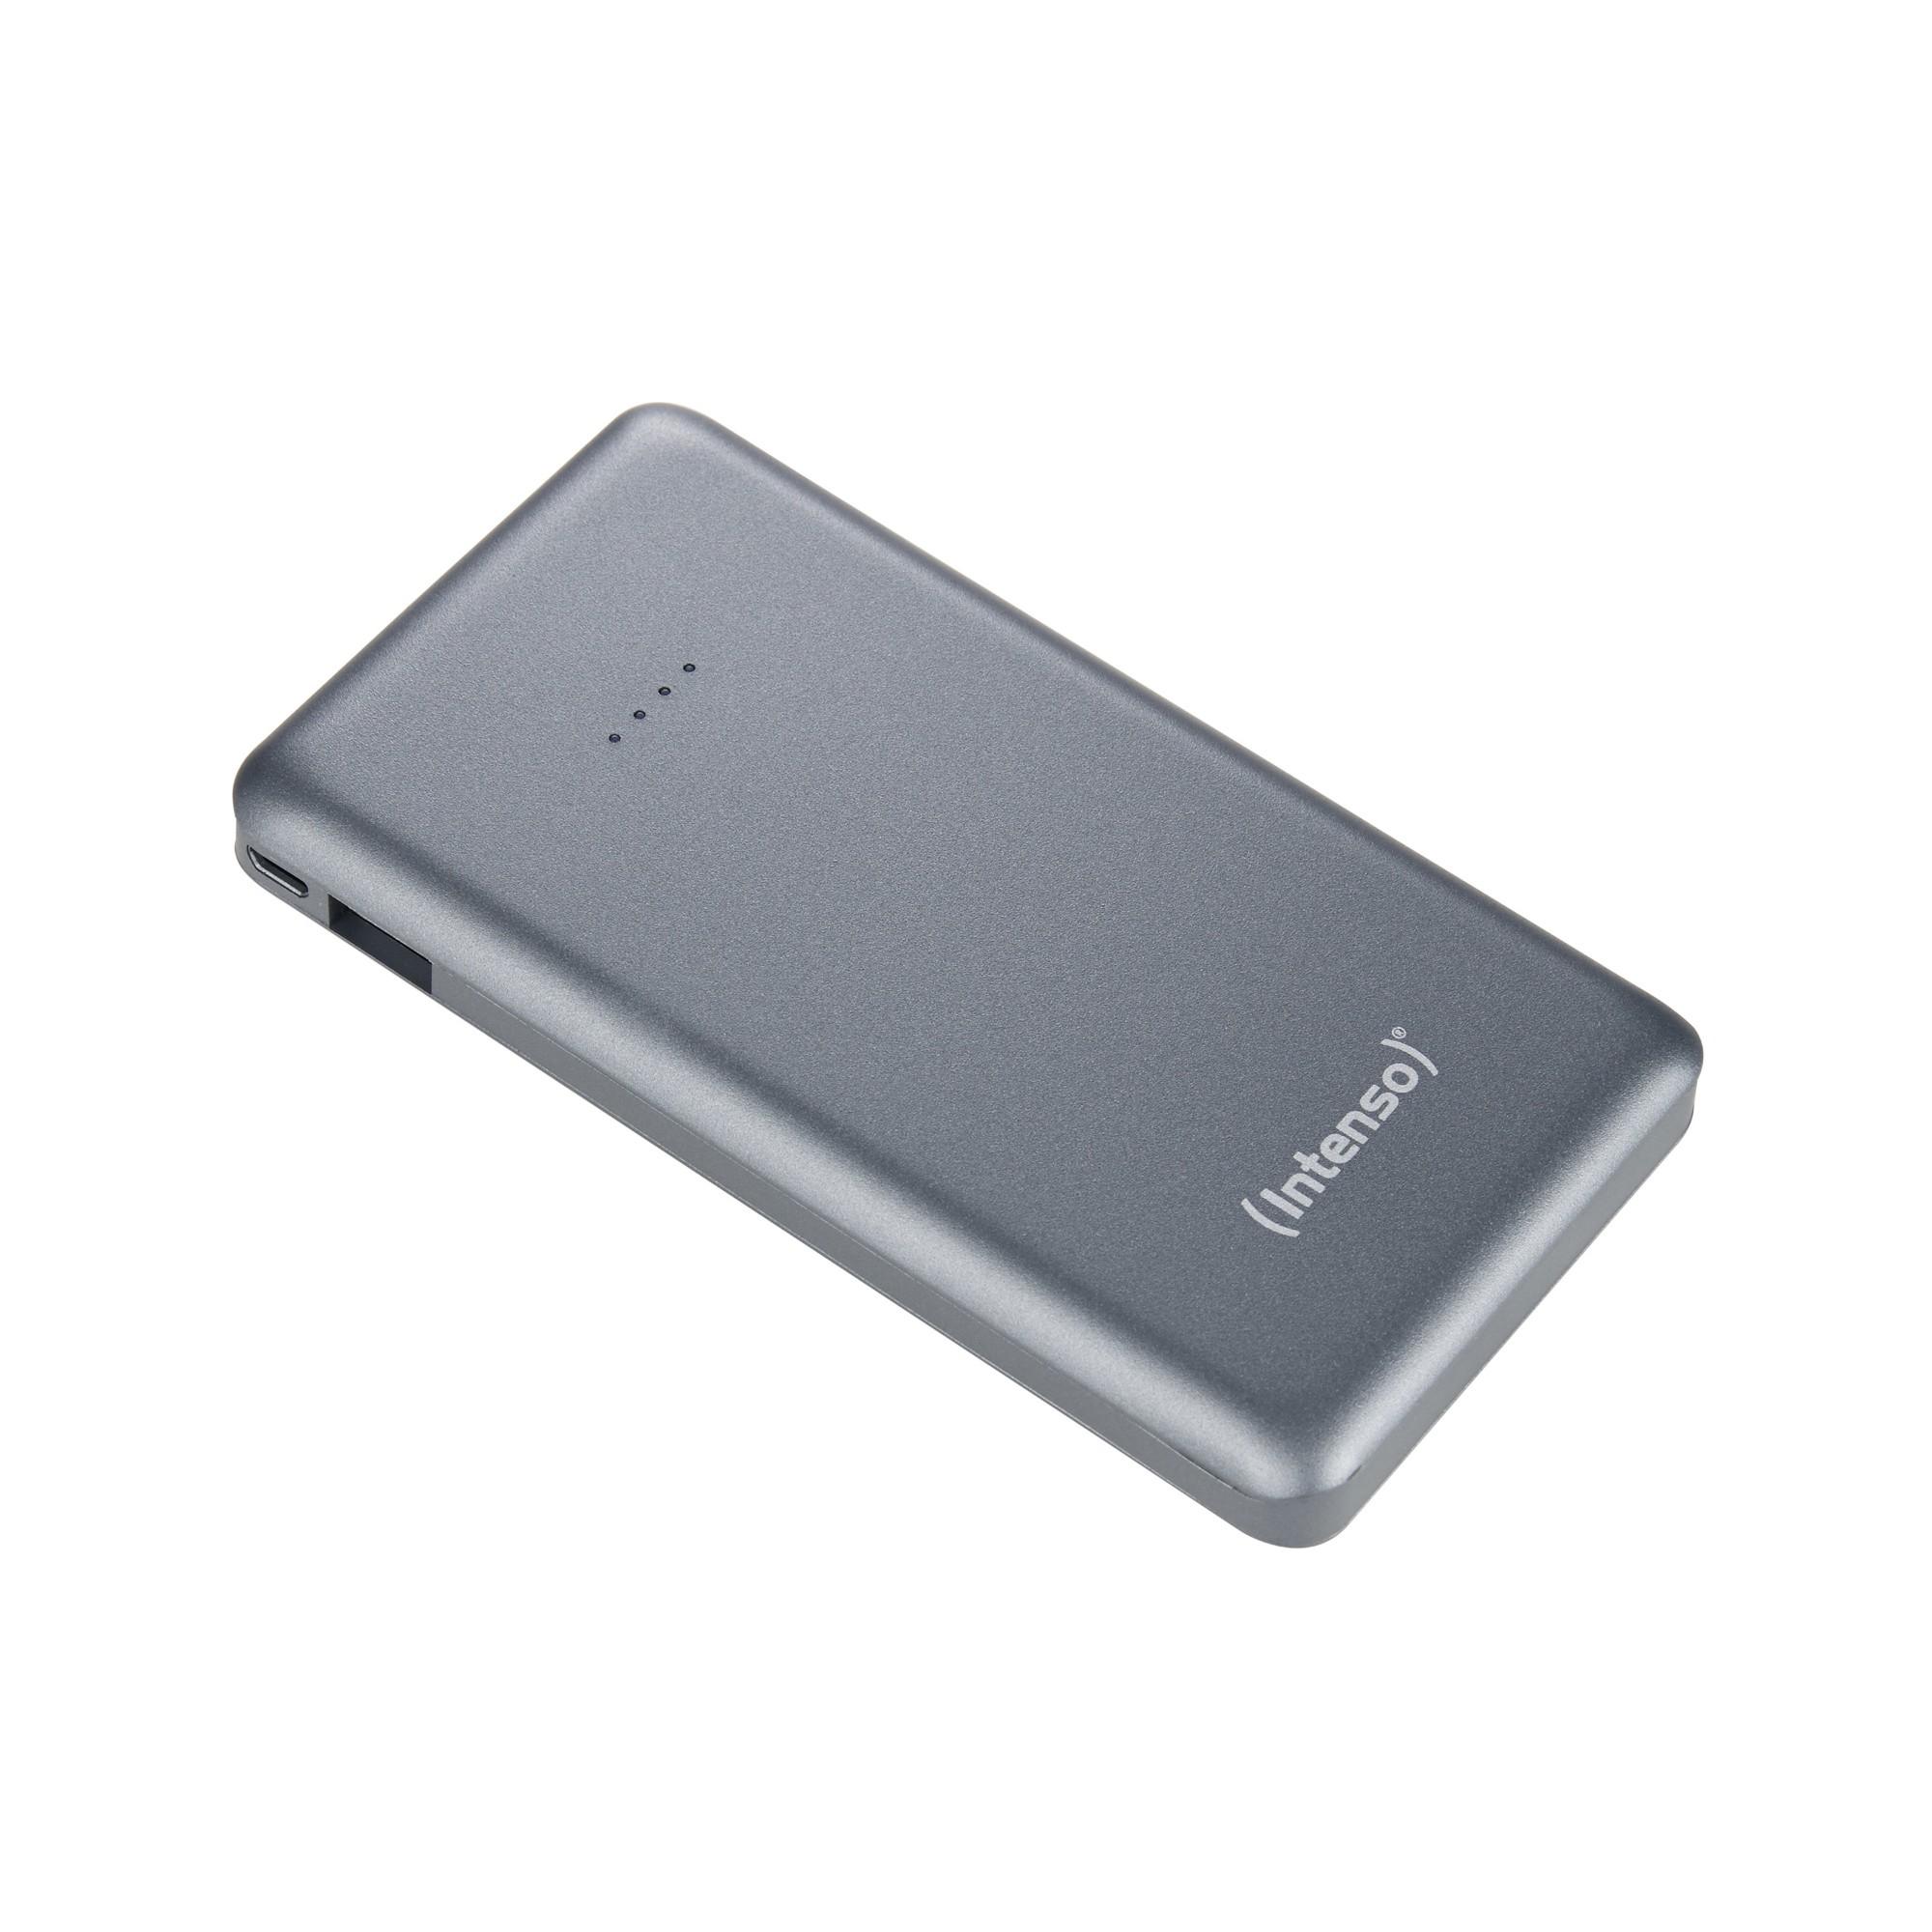 Powerbank Slim S5000